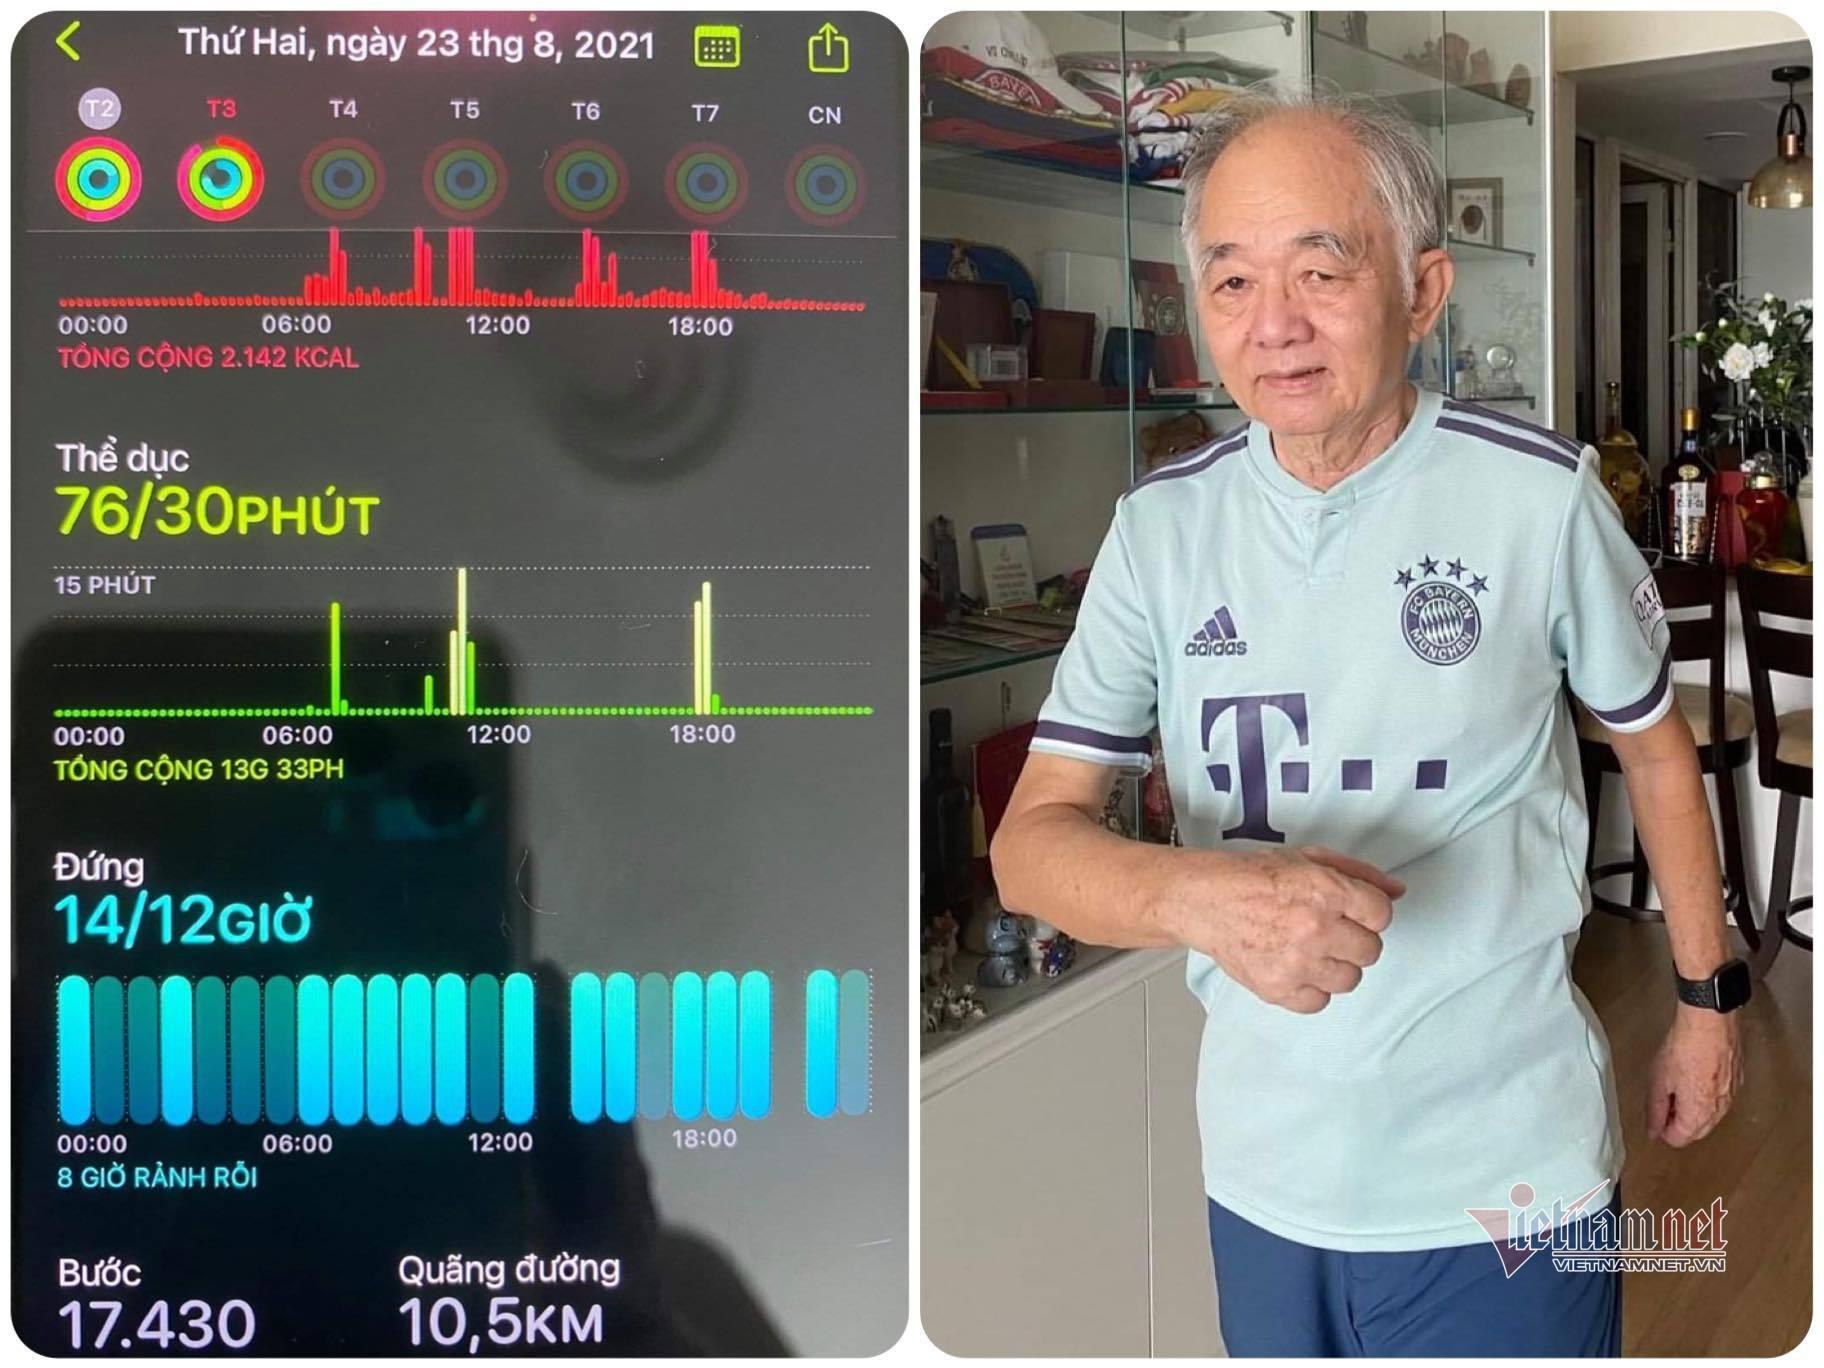 Kinh nghiệm luyện tập của cụ ông 75 tuổi nhiều bệnh nền đi qua mùa dịch